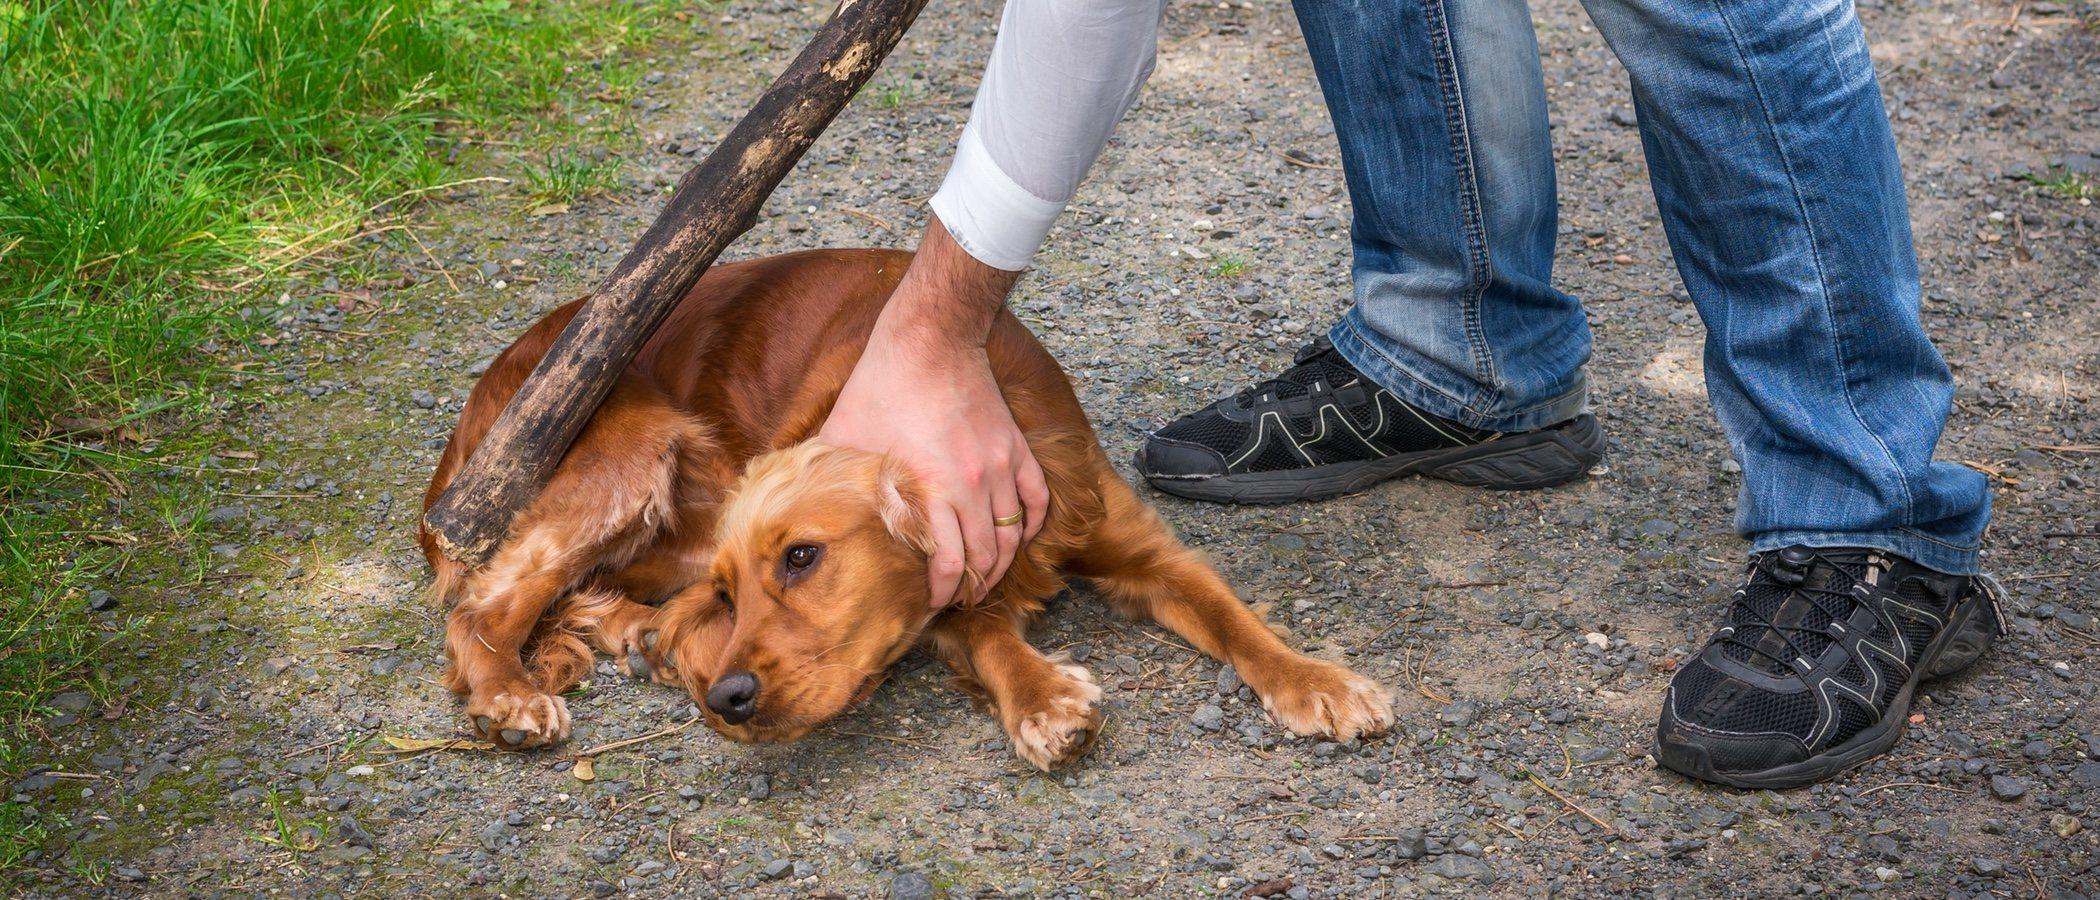 Cómo actuar si eres testigo de maltrato animal